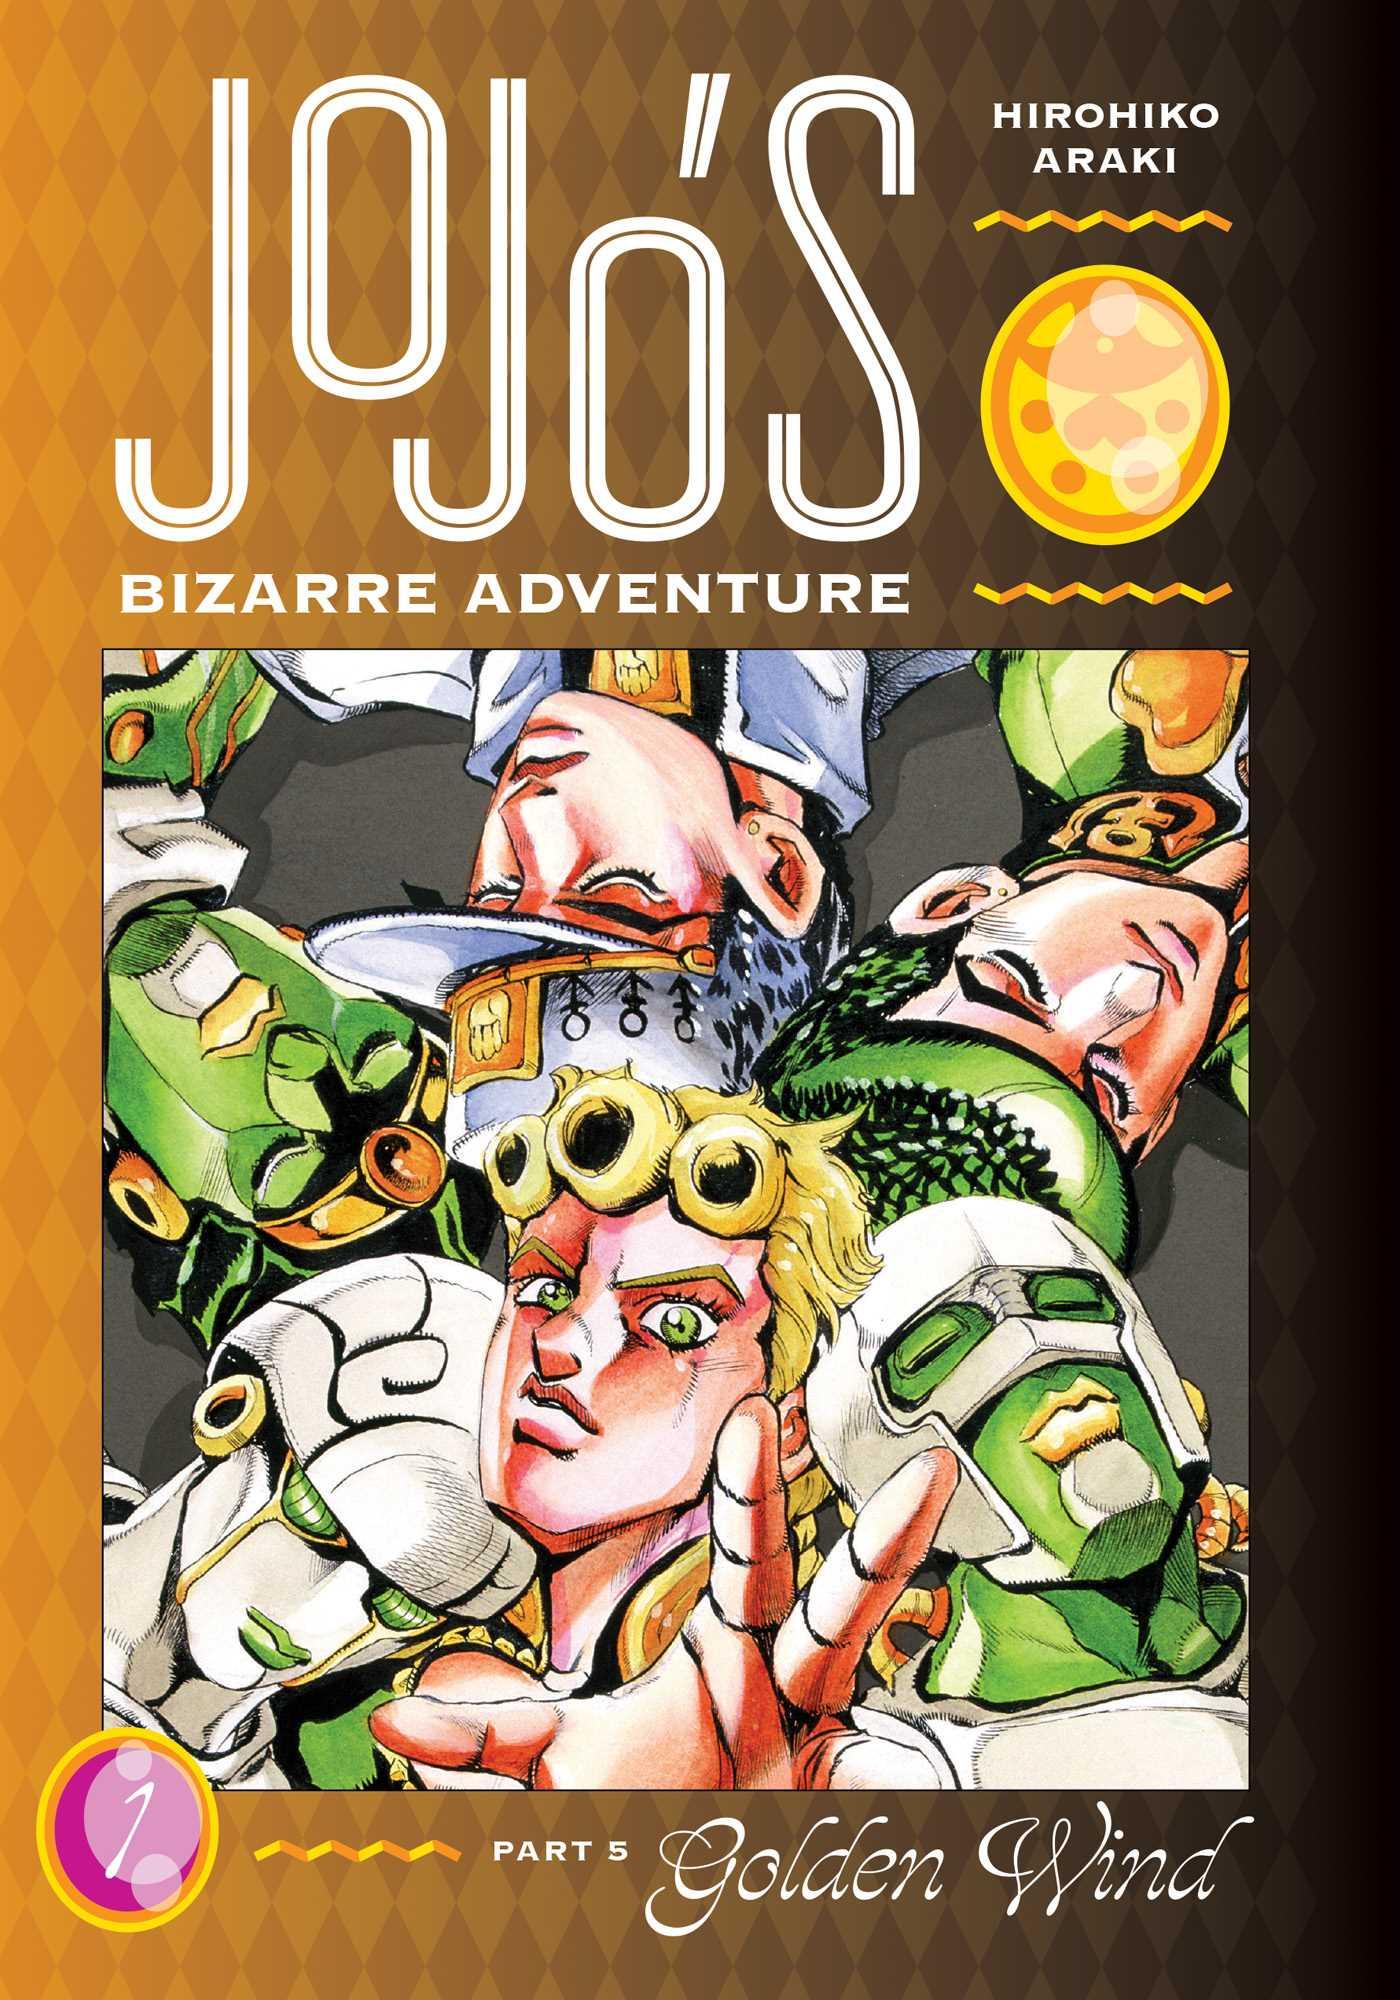 JoJo's Bizarre Adventure Part 5 Golden Wind Vol 1 book cover